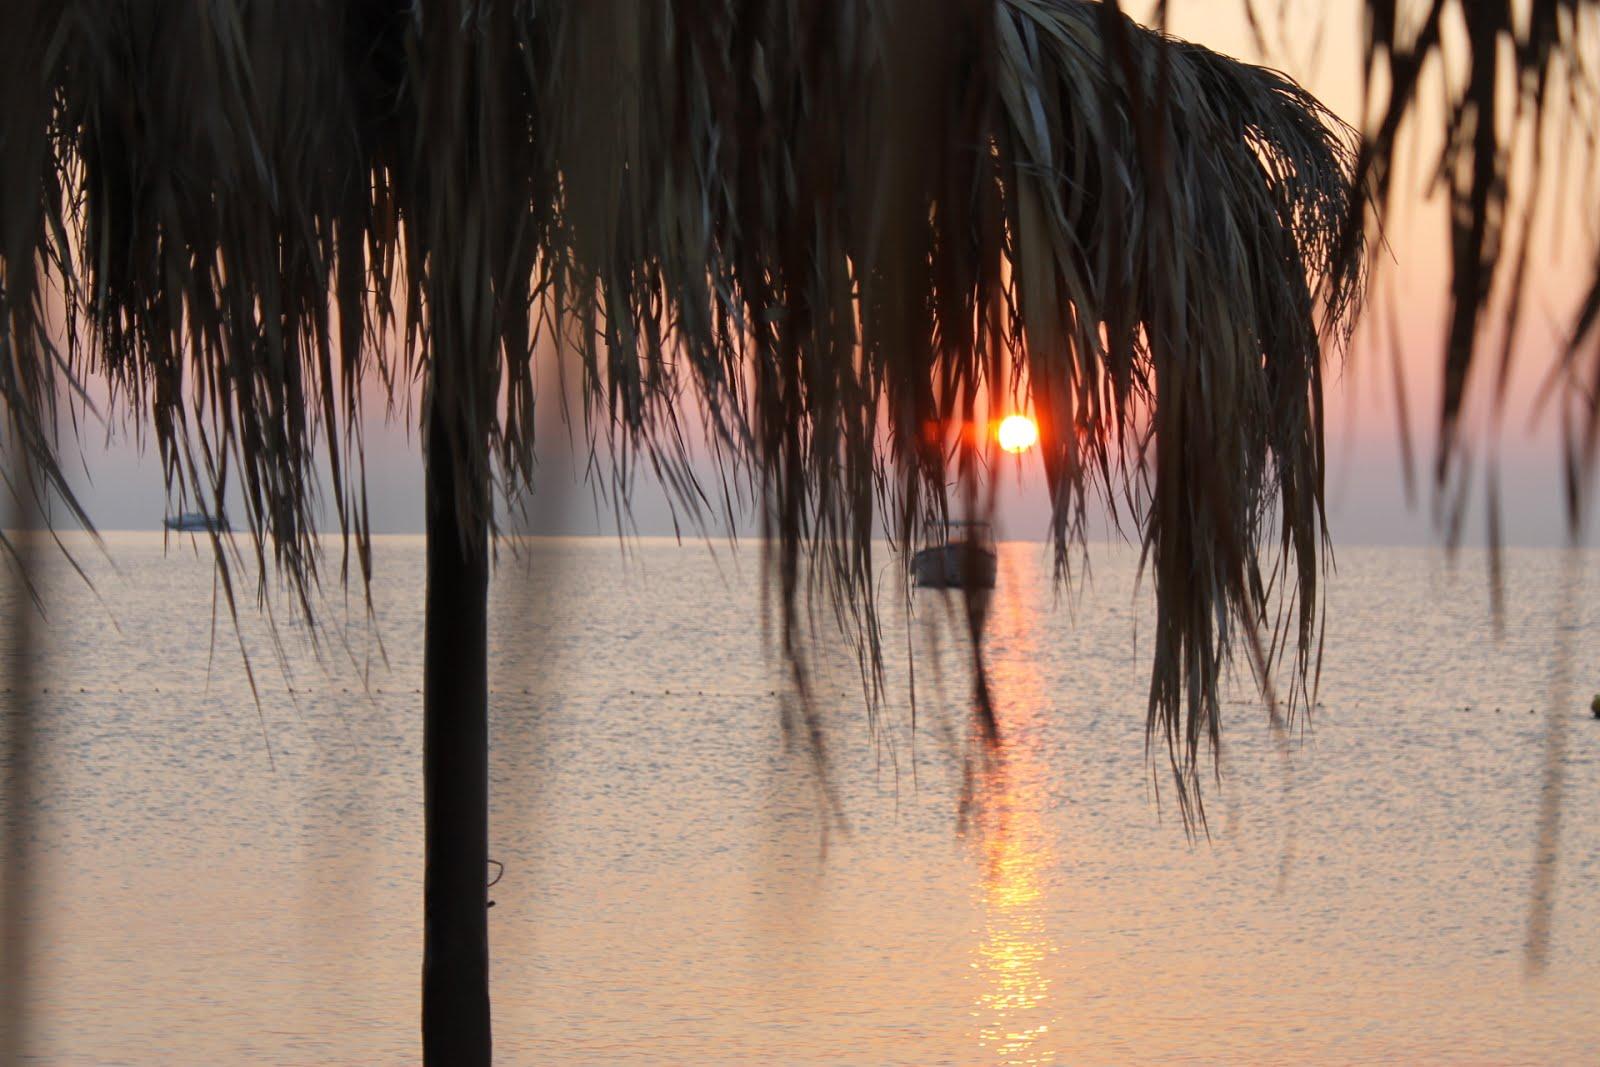 Riparandosi dai primi raggi del sole